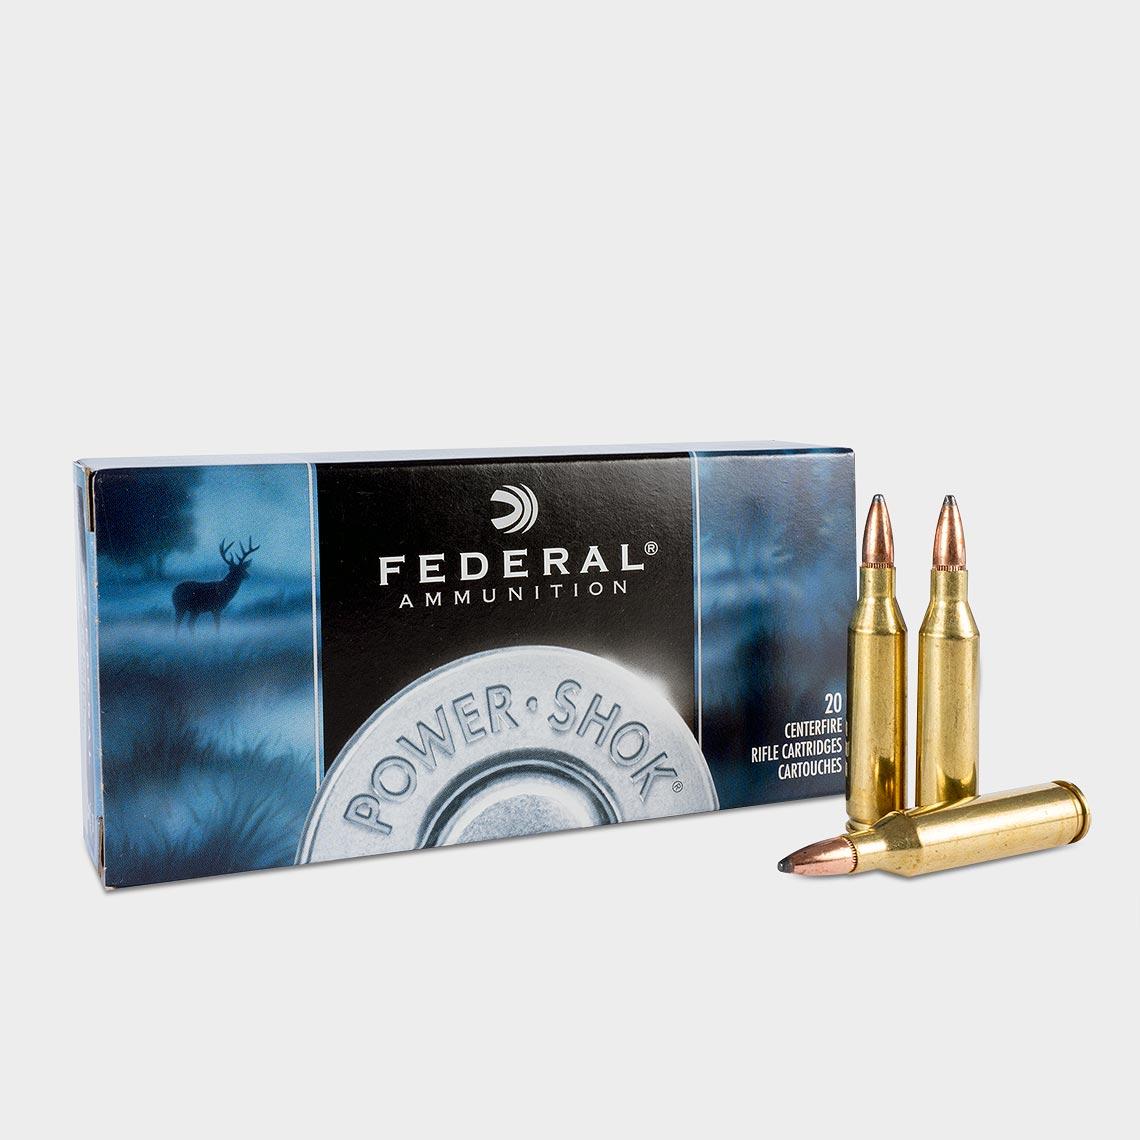 Trustach Shooting Supplies